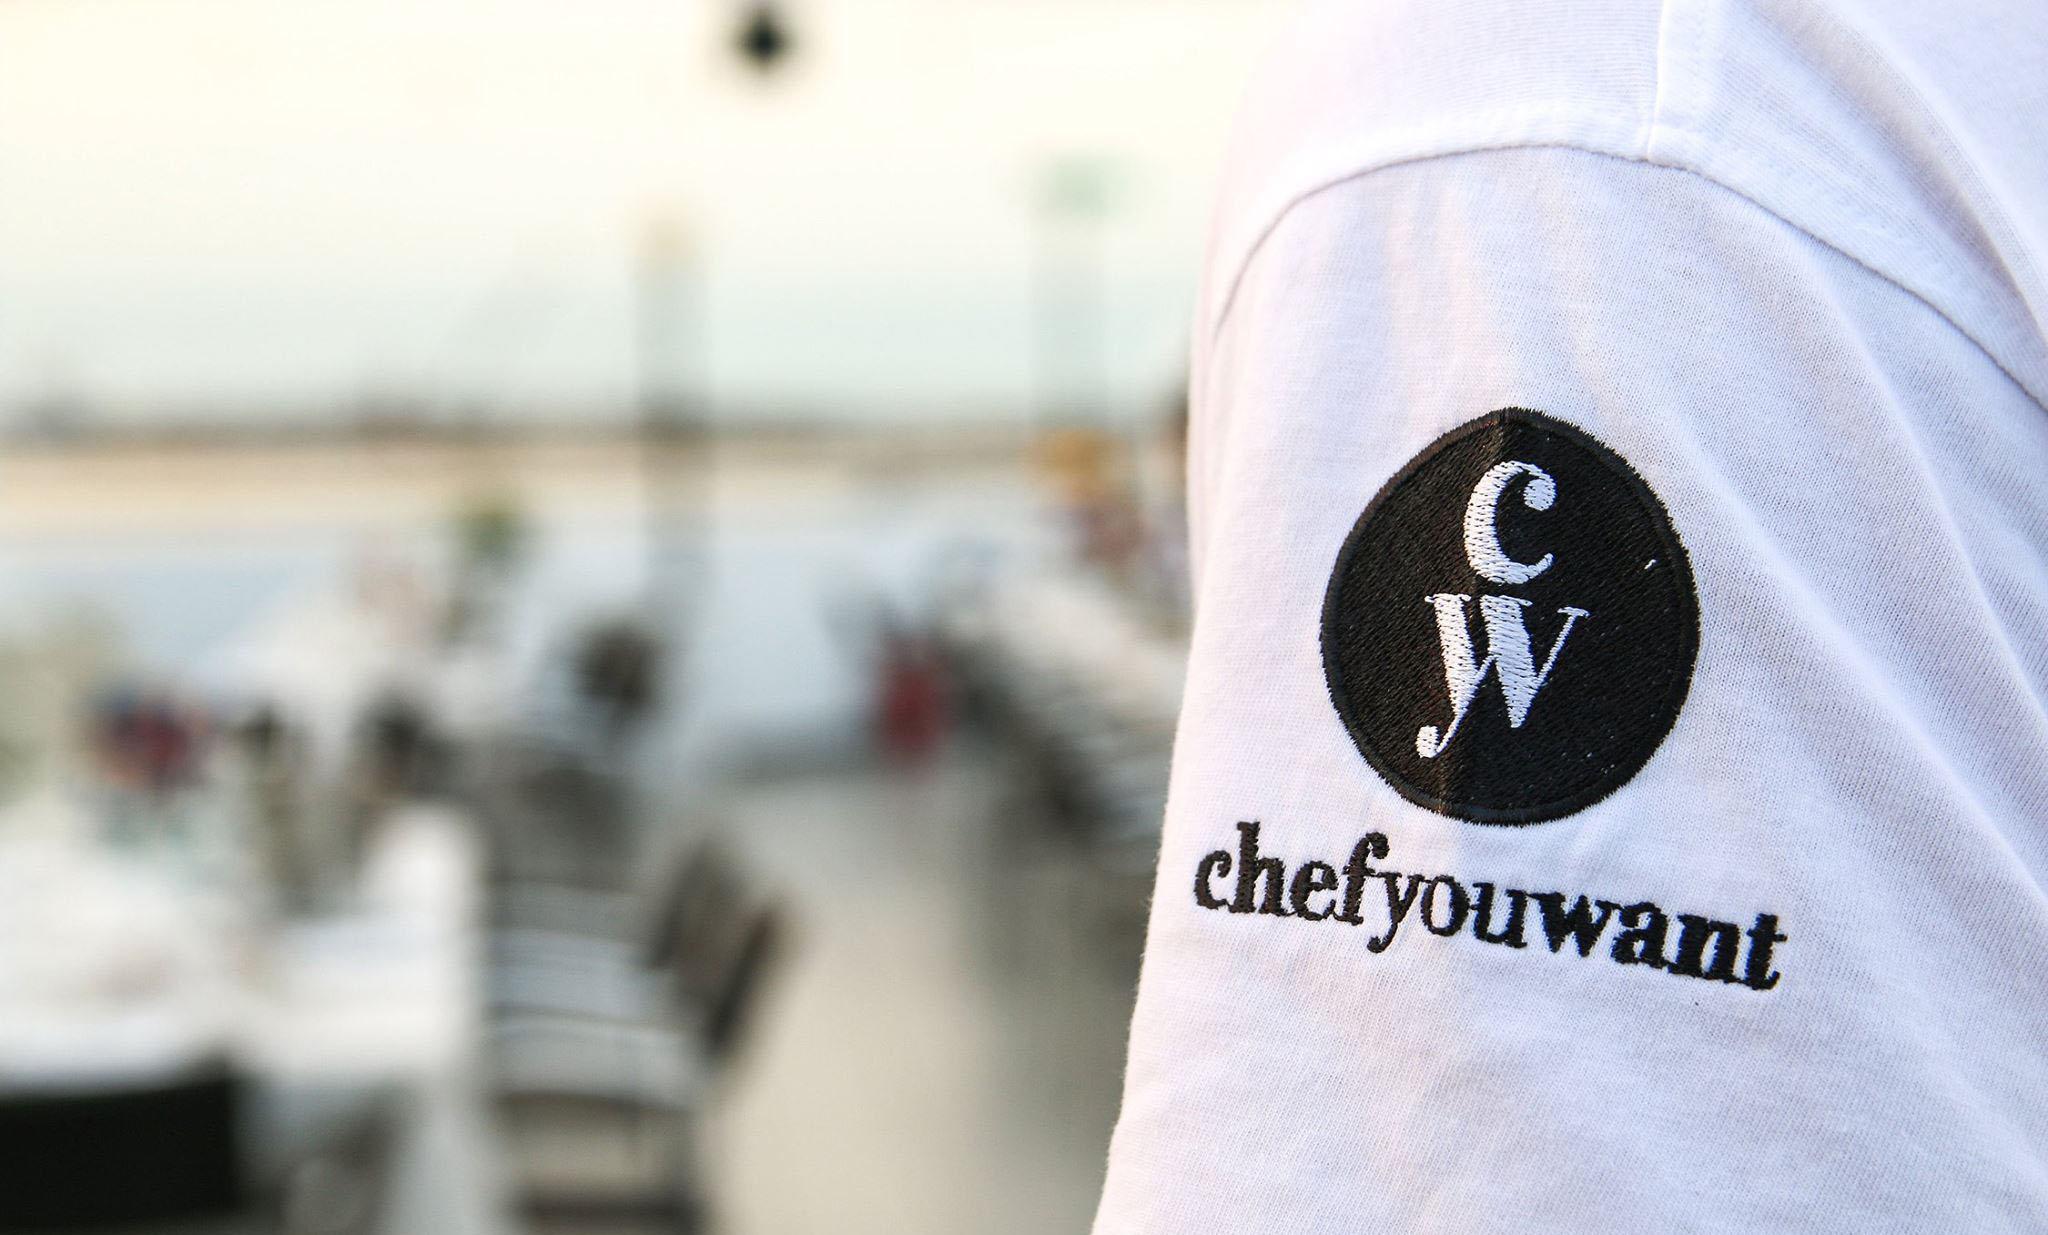 Maglietta con Logo chefyouwant ad un evento